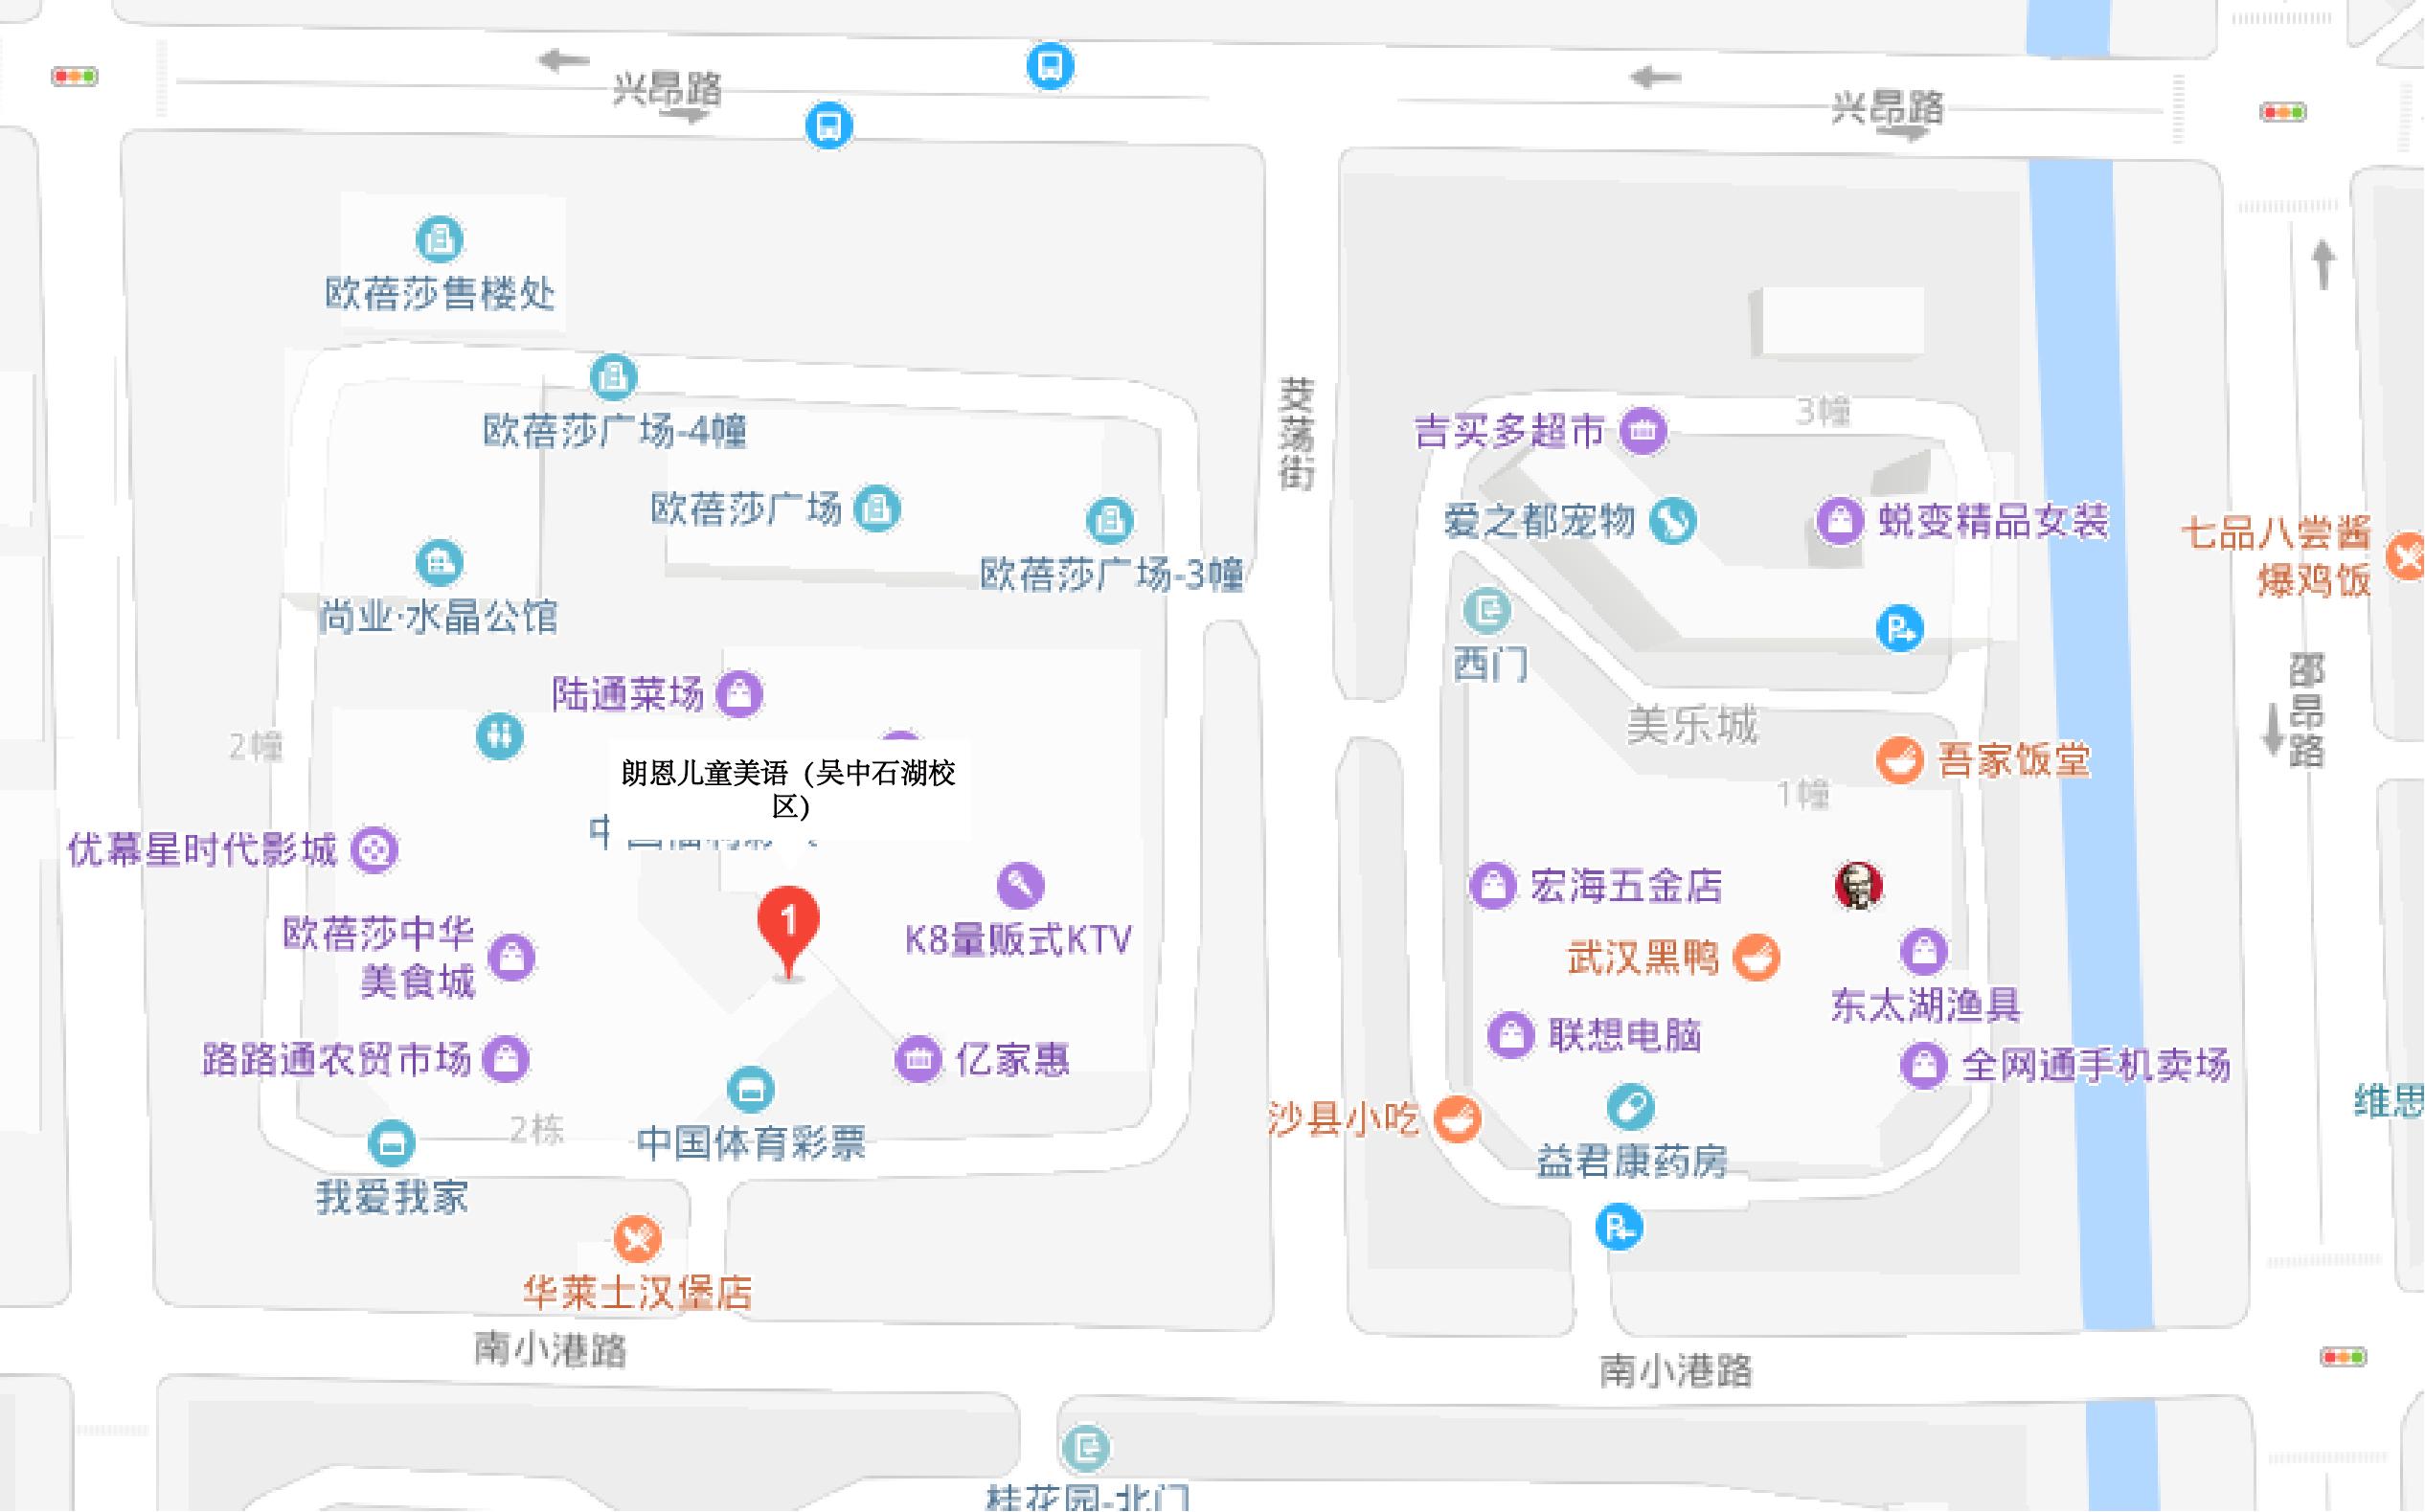 苏州吴中石湖校区